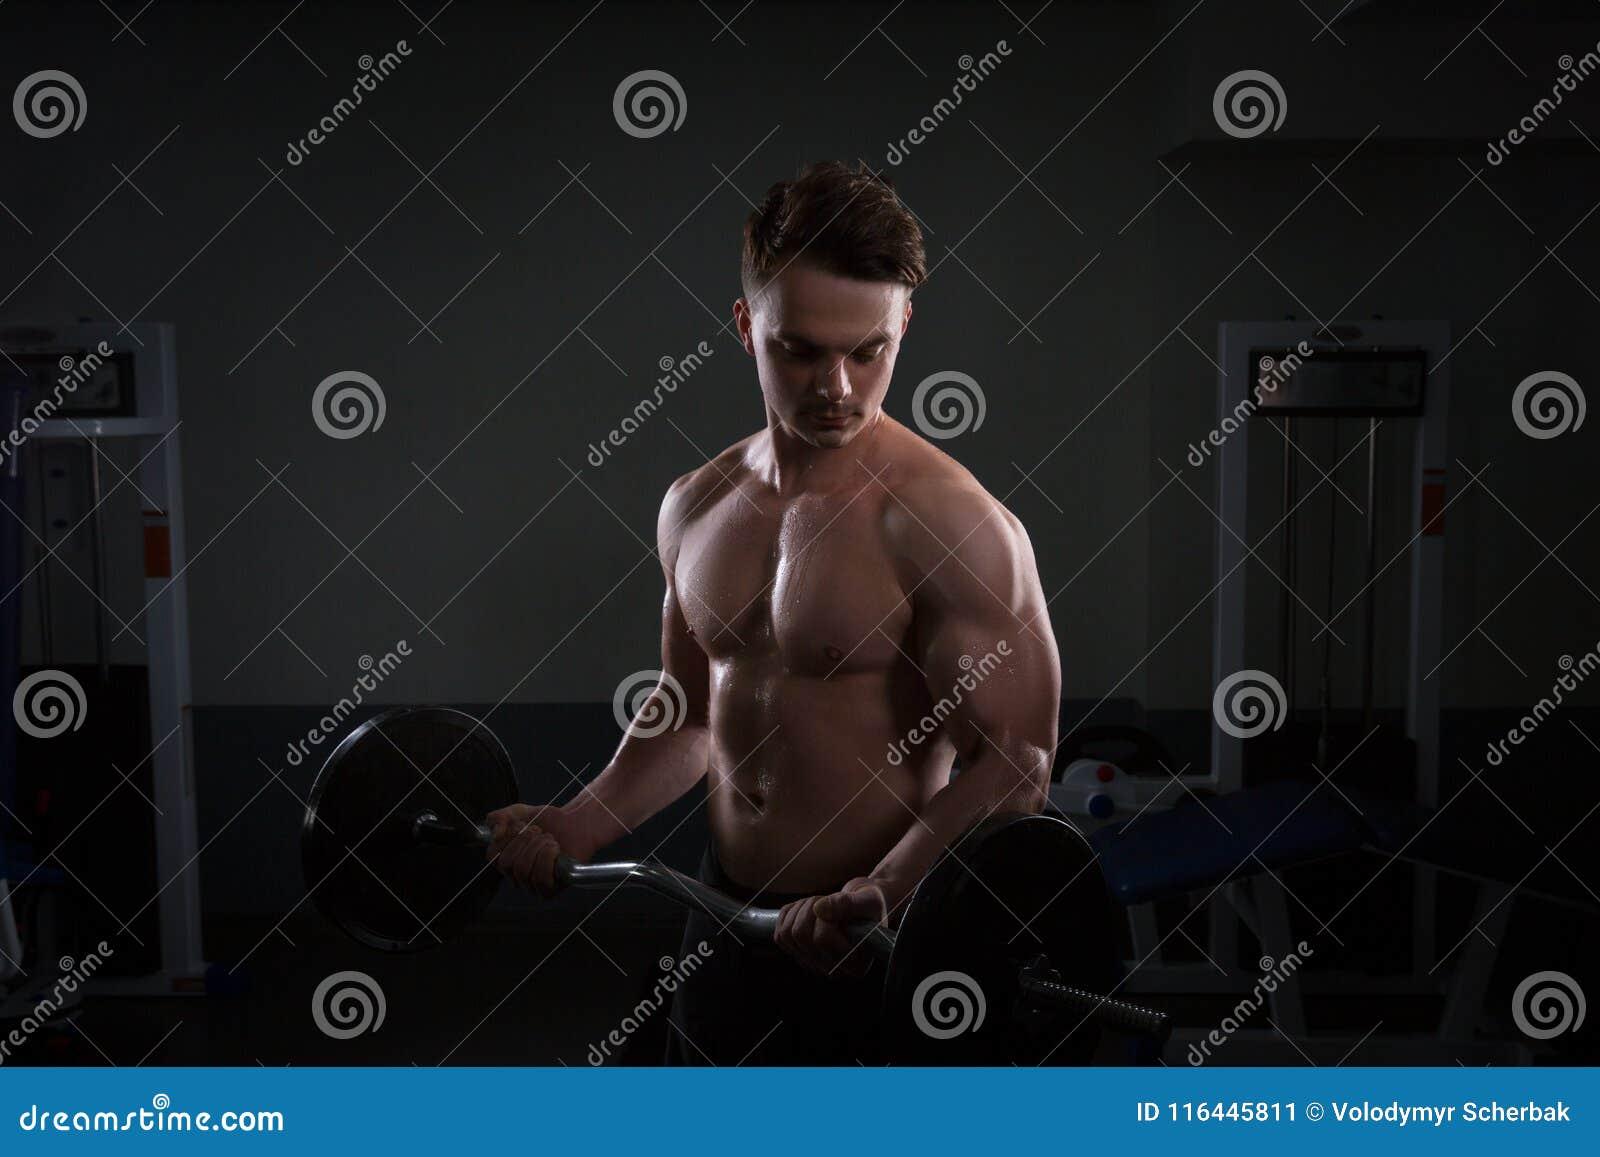 Закройте вверх весов молодого мышечного человека поднимаясь над темной предпосылкой